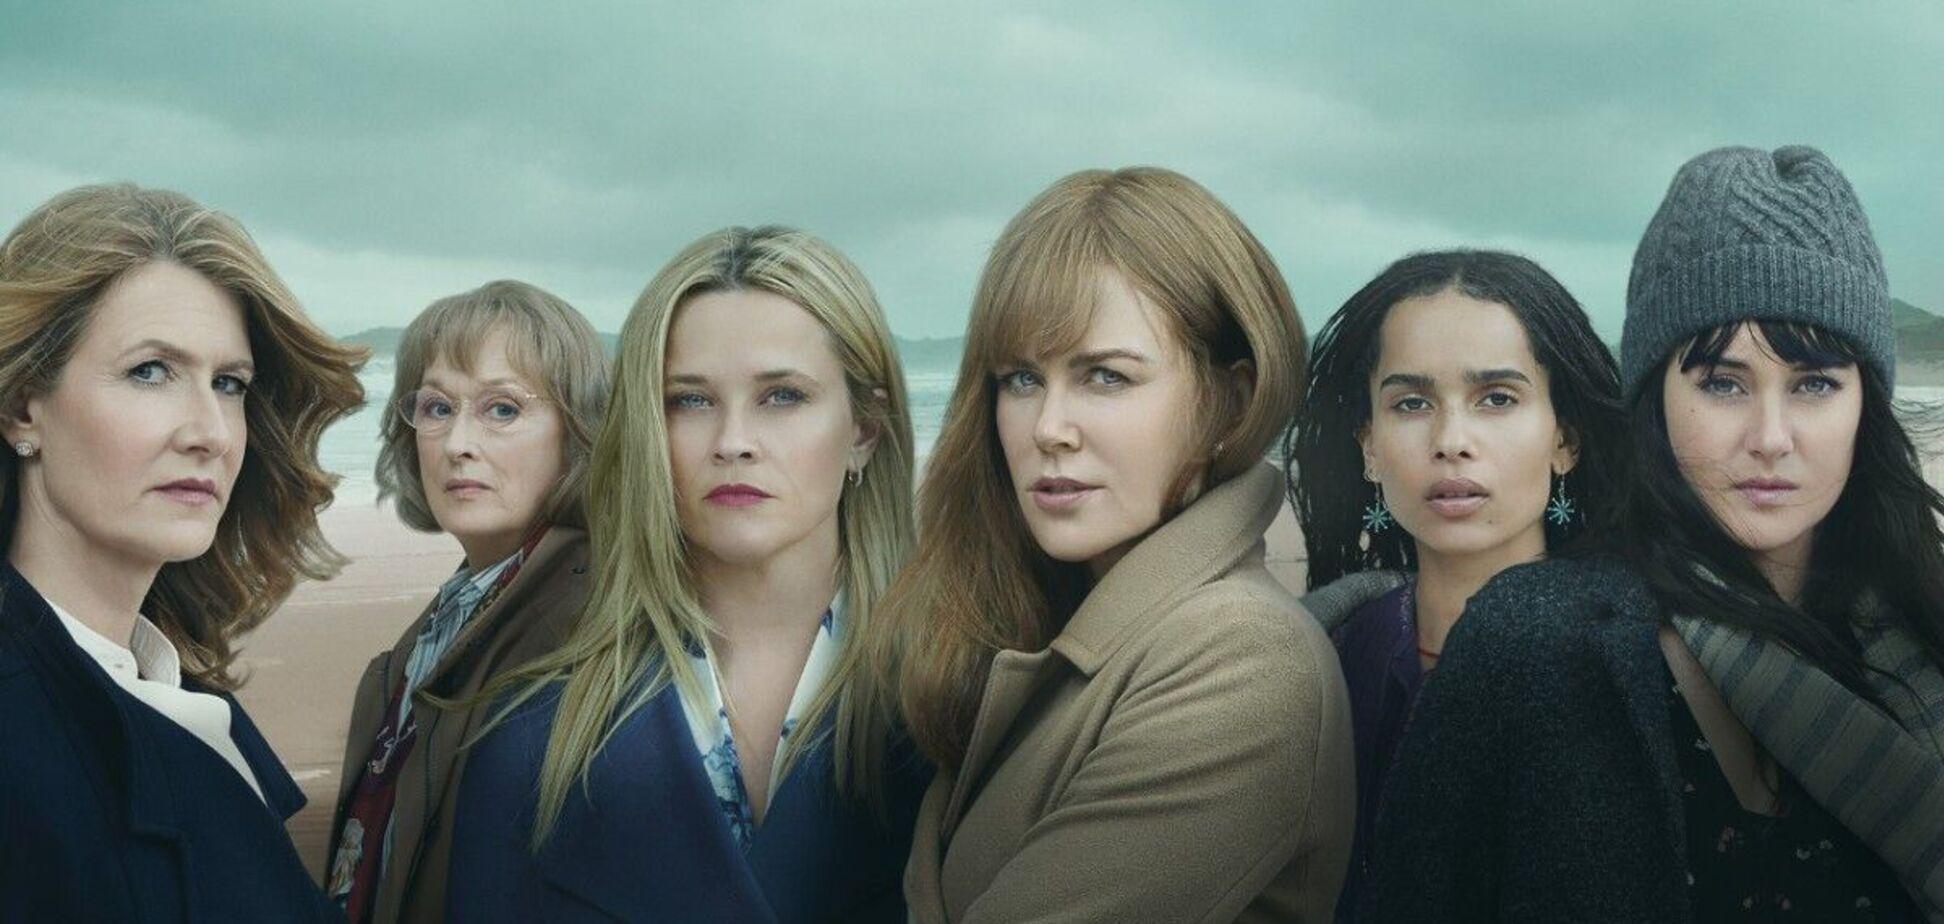 Сериал 'Большая маленькая ложь' продлен на третий сезон